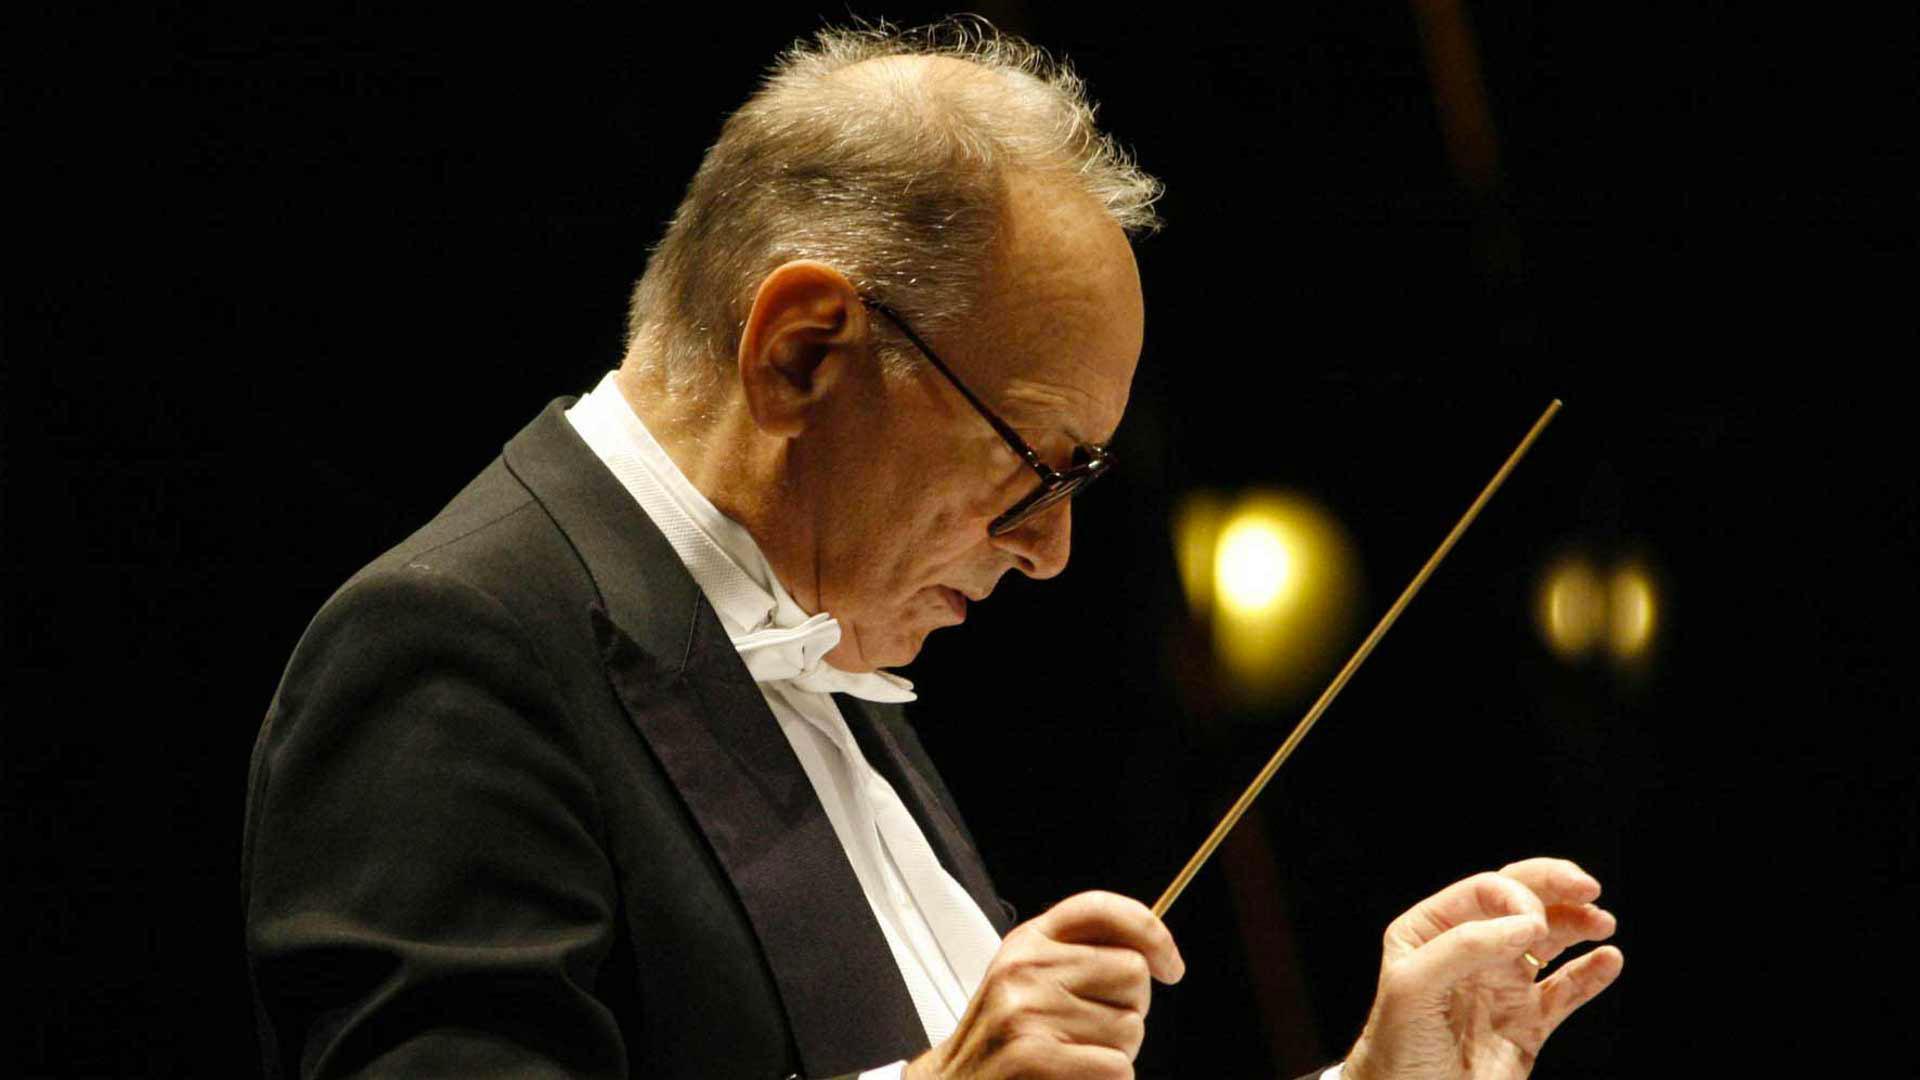 Ennio Morricone: forse il più importante autore vivente di musica per il grande schermo.